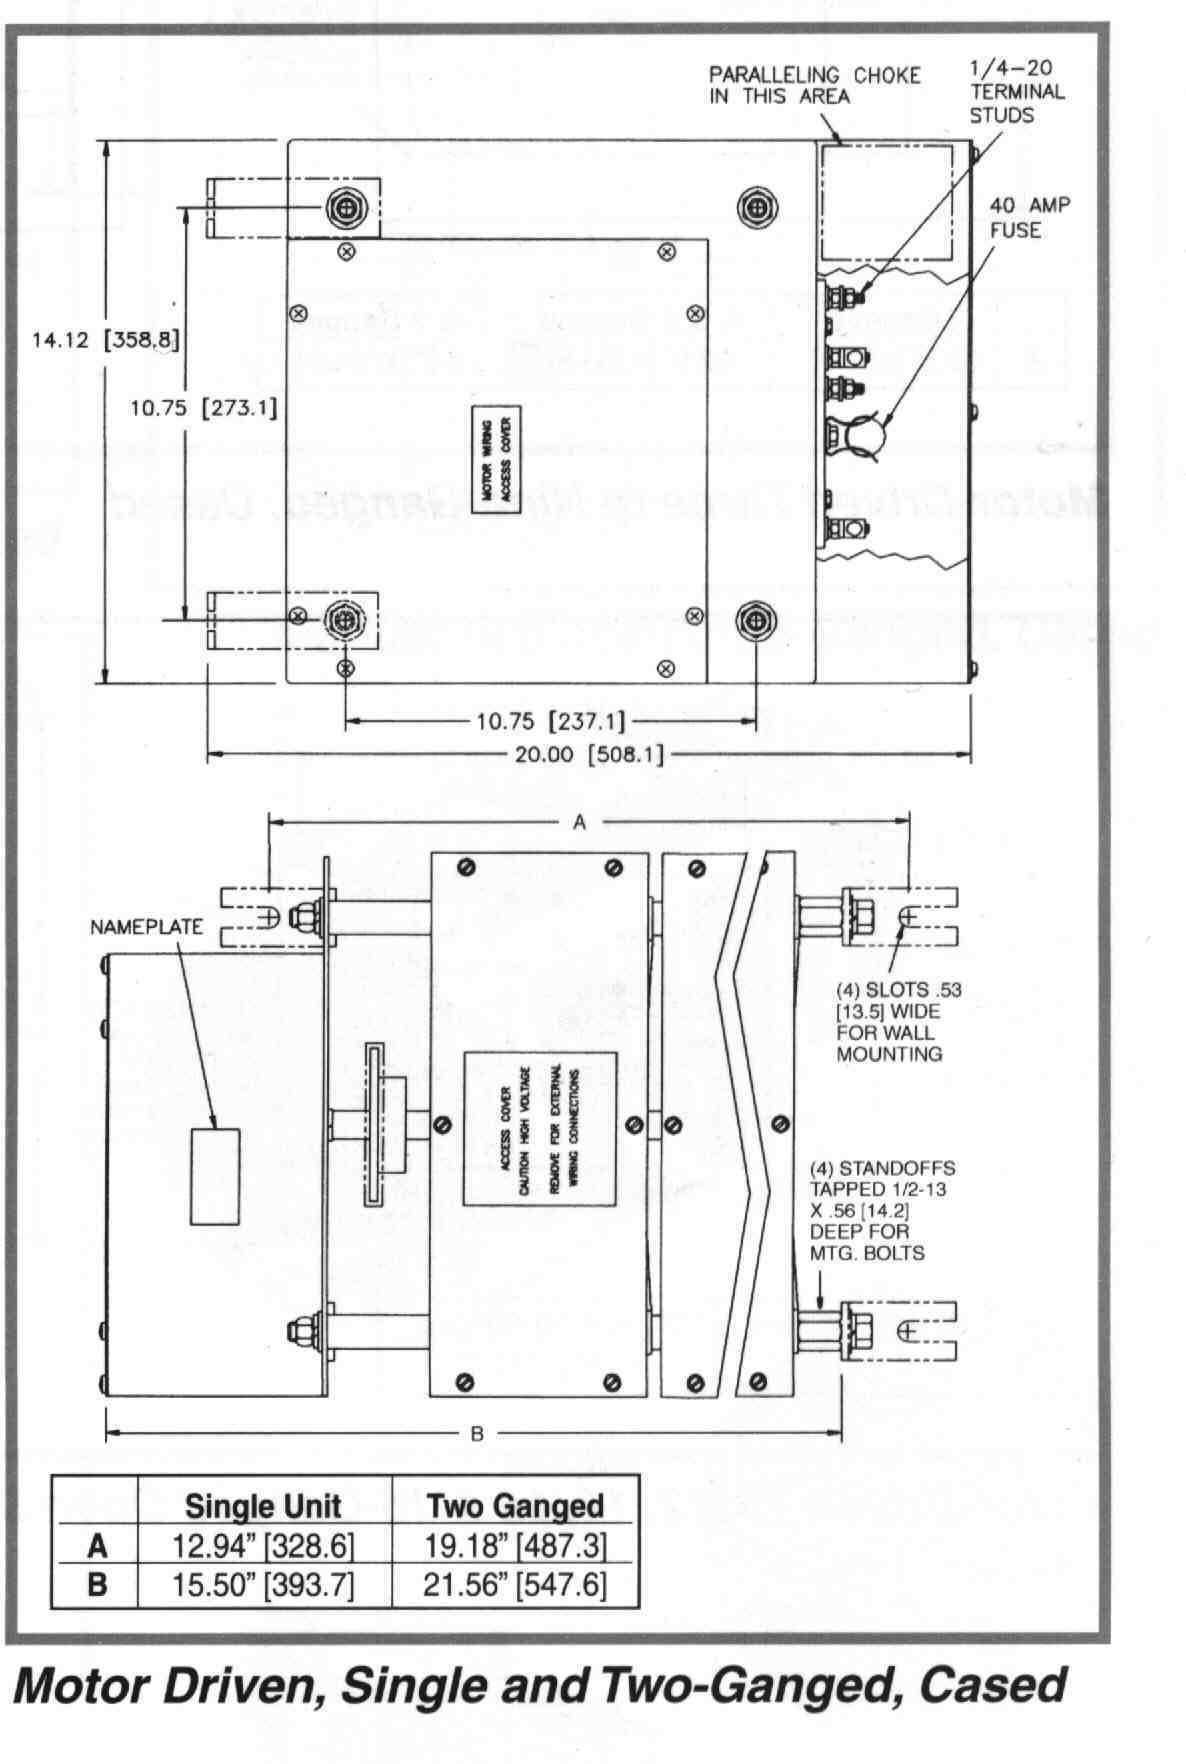 hight resolution of 5000 motor driven series variac drawings 6000 motor driven variac drawings